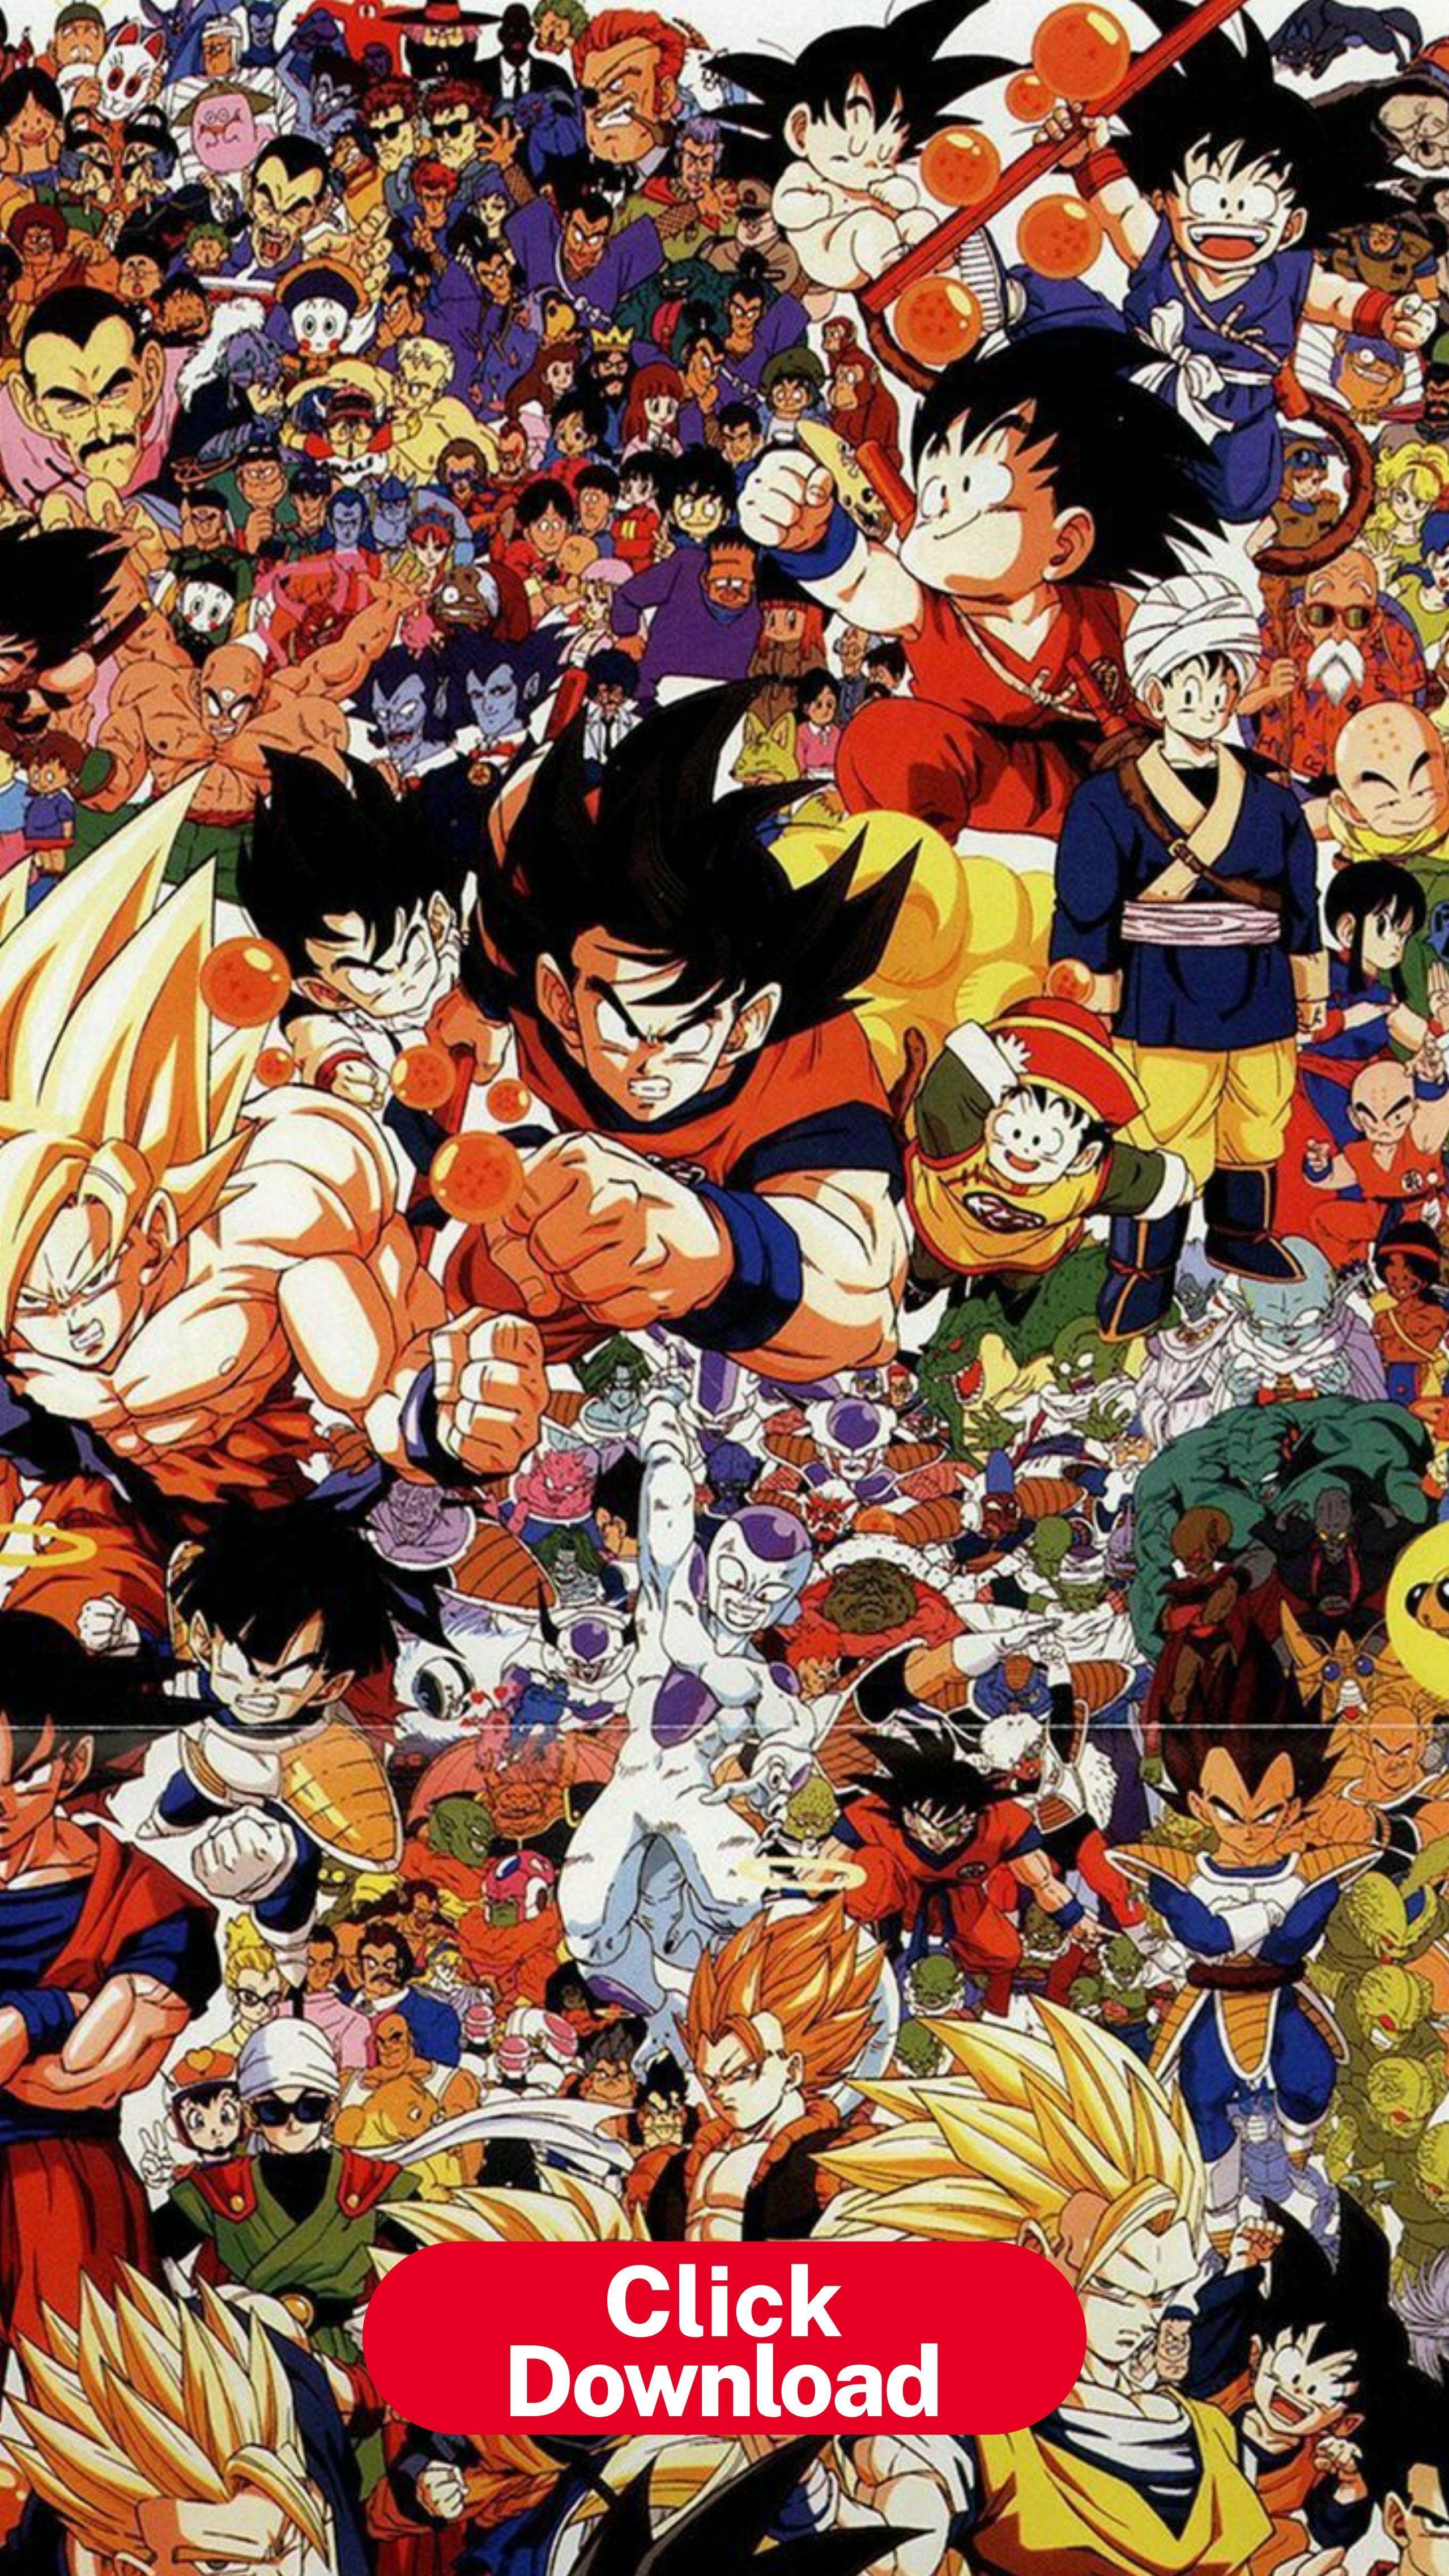 Pin By Mahi Thunder On Dragon Ball Dragon Ball Wallpaper Iphone Dragon Ball Wallpaper Iphone Dragon Ball Super Wallpapers Dragon Ball Wallpapers